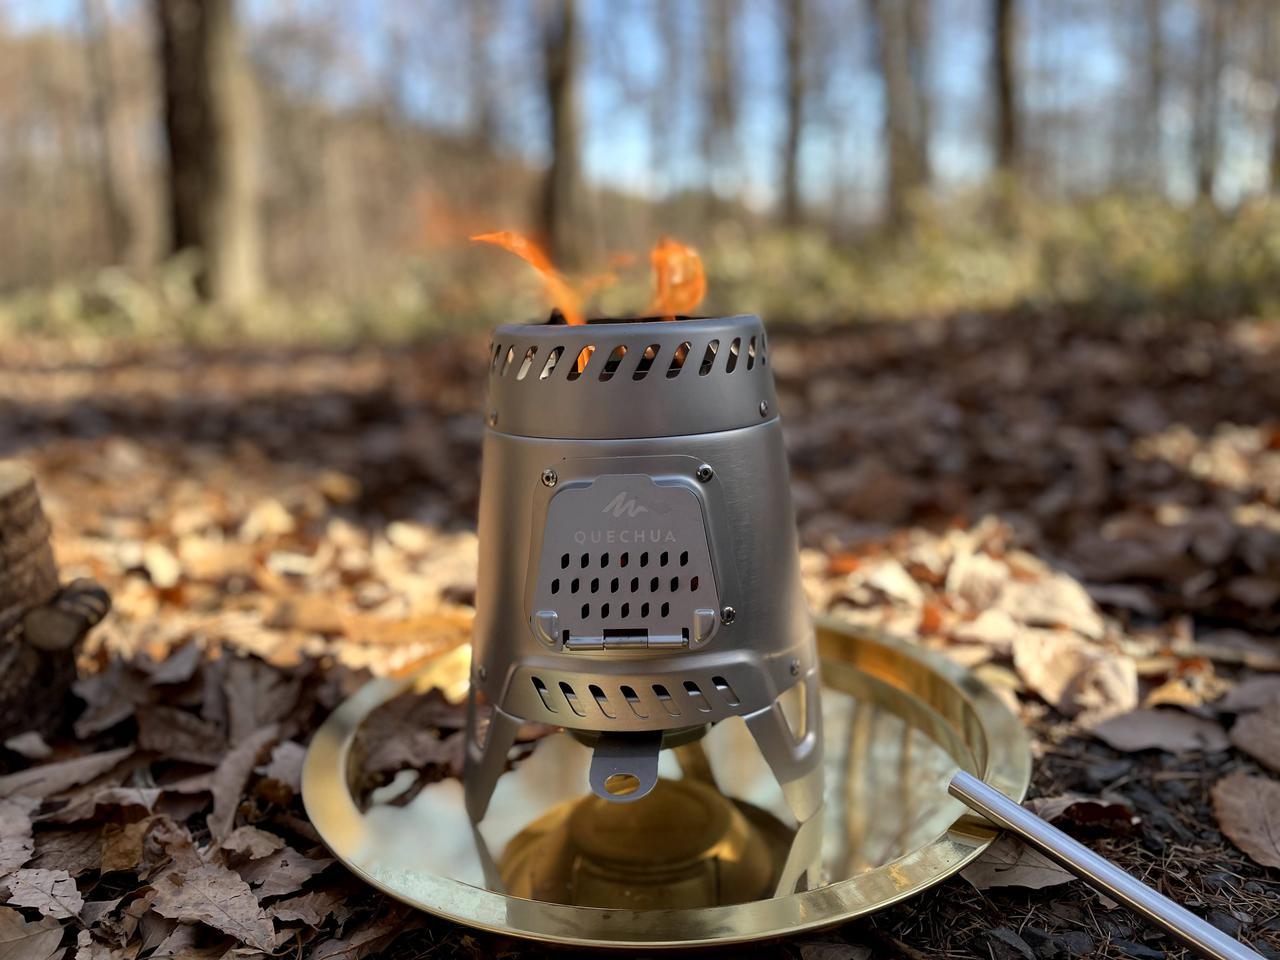 【徹底レビュー】燃料を現地調達して焚き火や調理ができる! デカトロンの『QUECHUA (ケシュア)キャンプウッドストーブMH500』がすごい